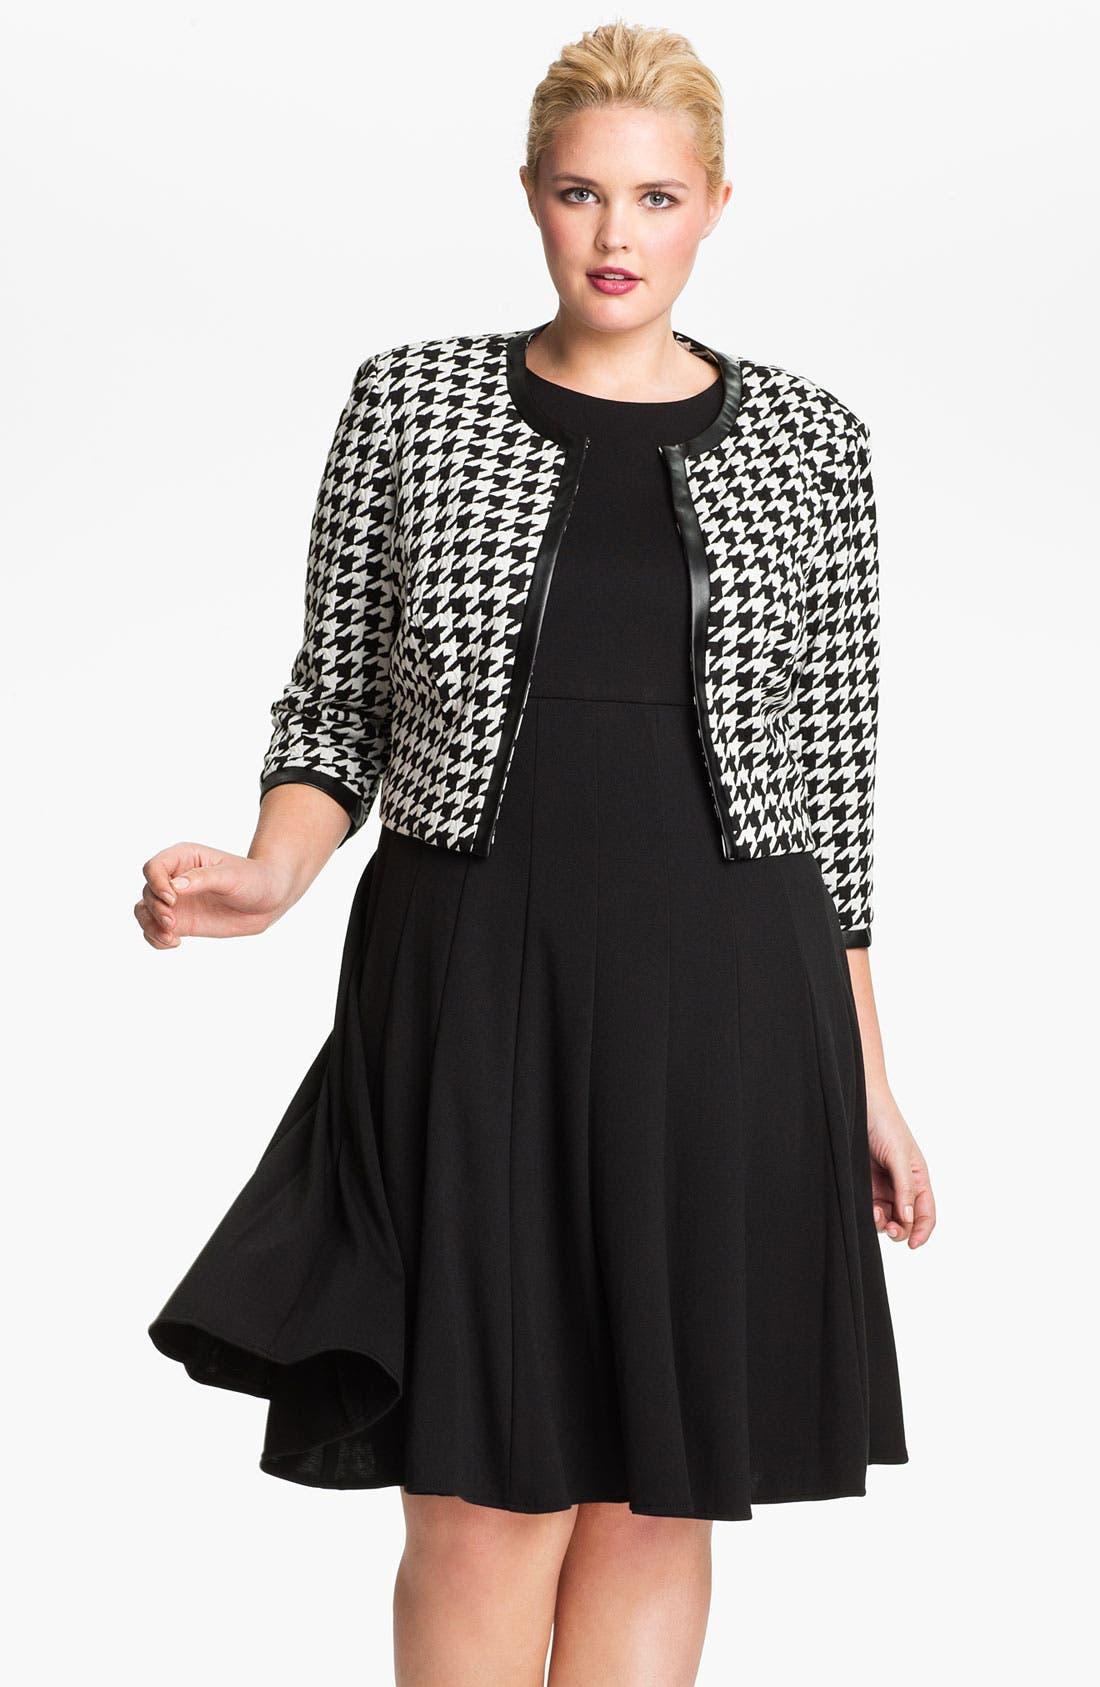 Alternate Image 1 Selected - Eliza J Pleated Dress & Bolero Jacket (Plus Size)